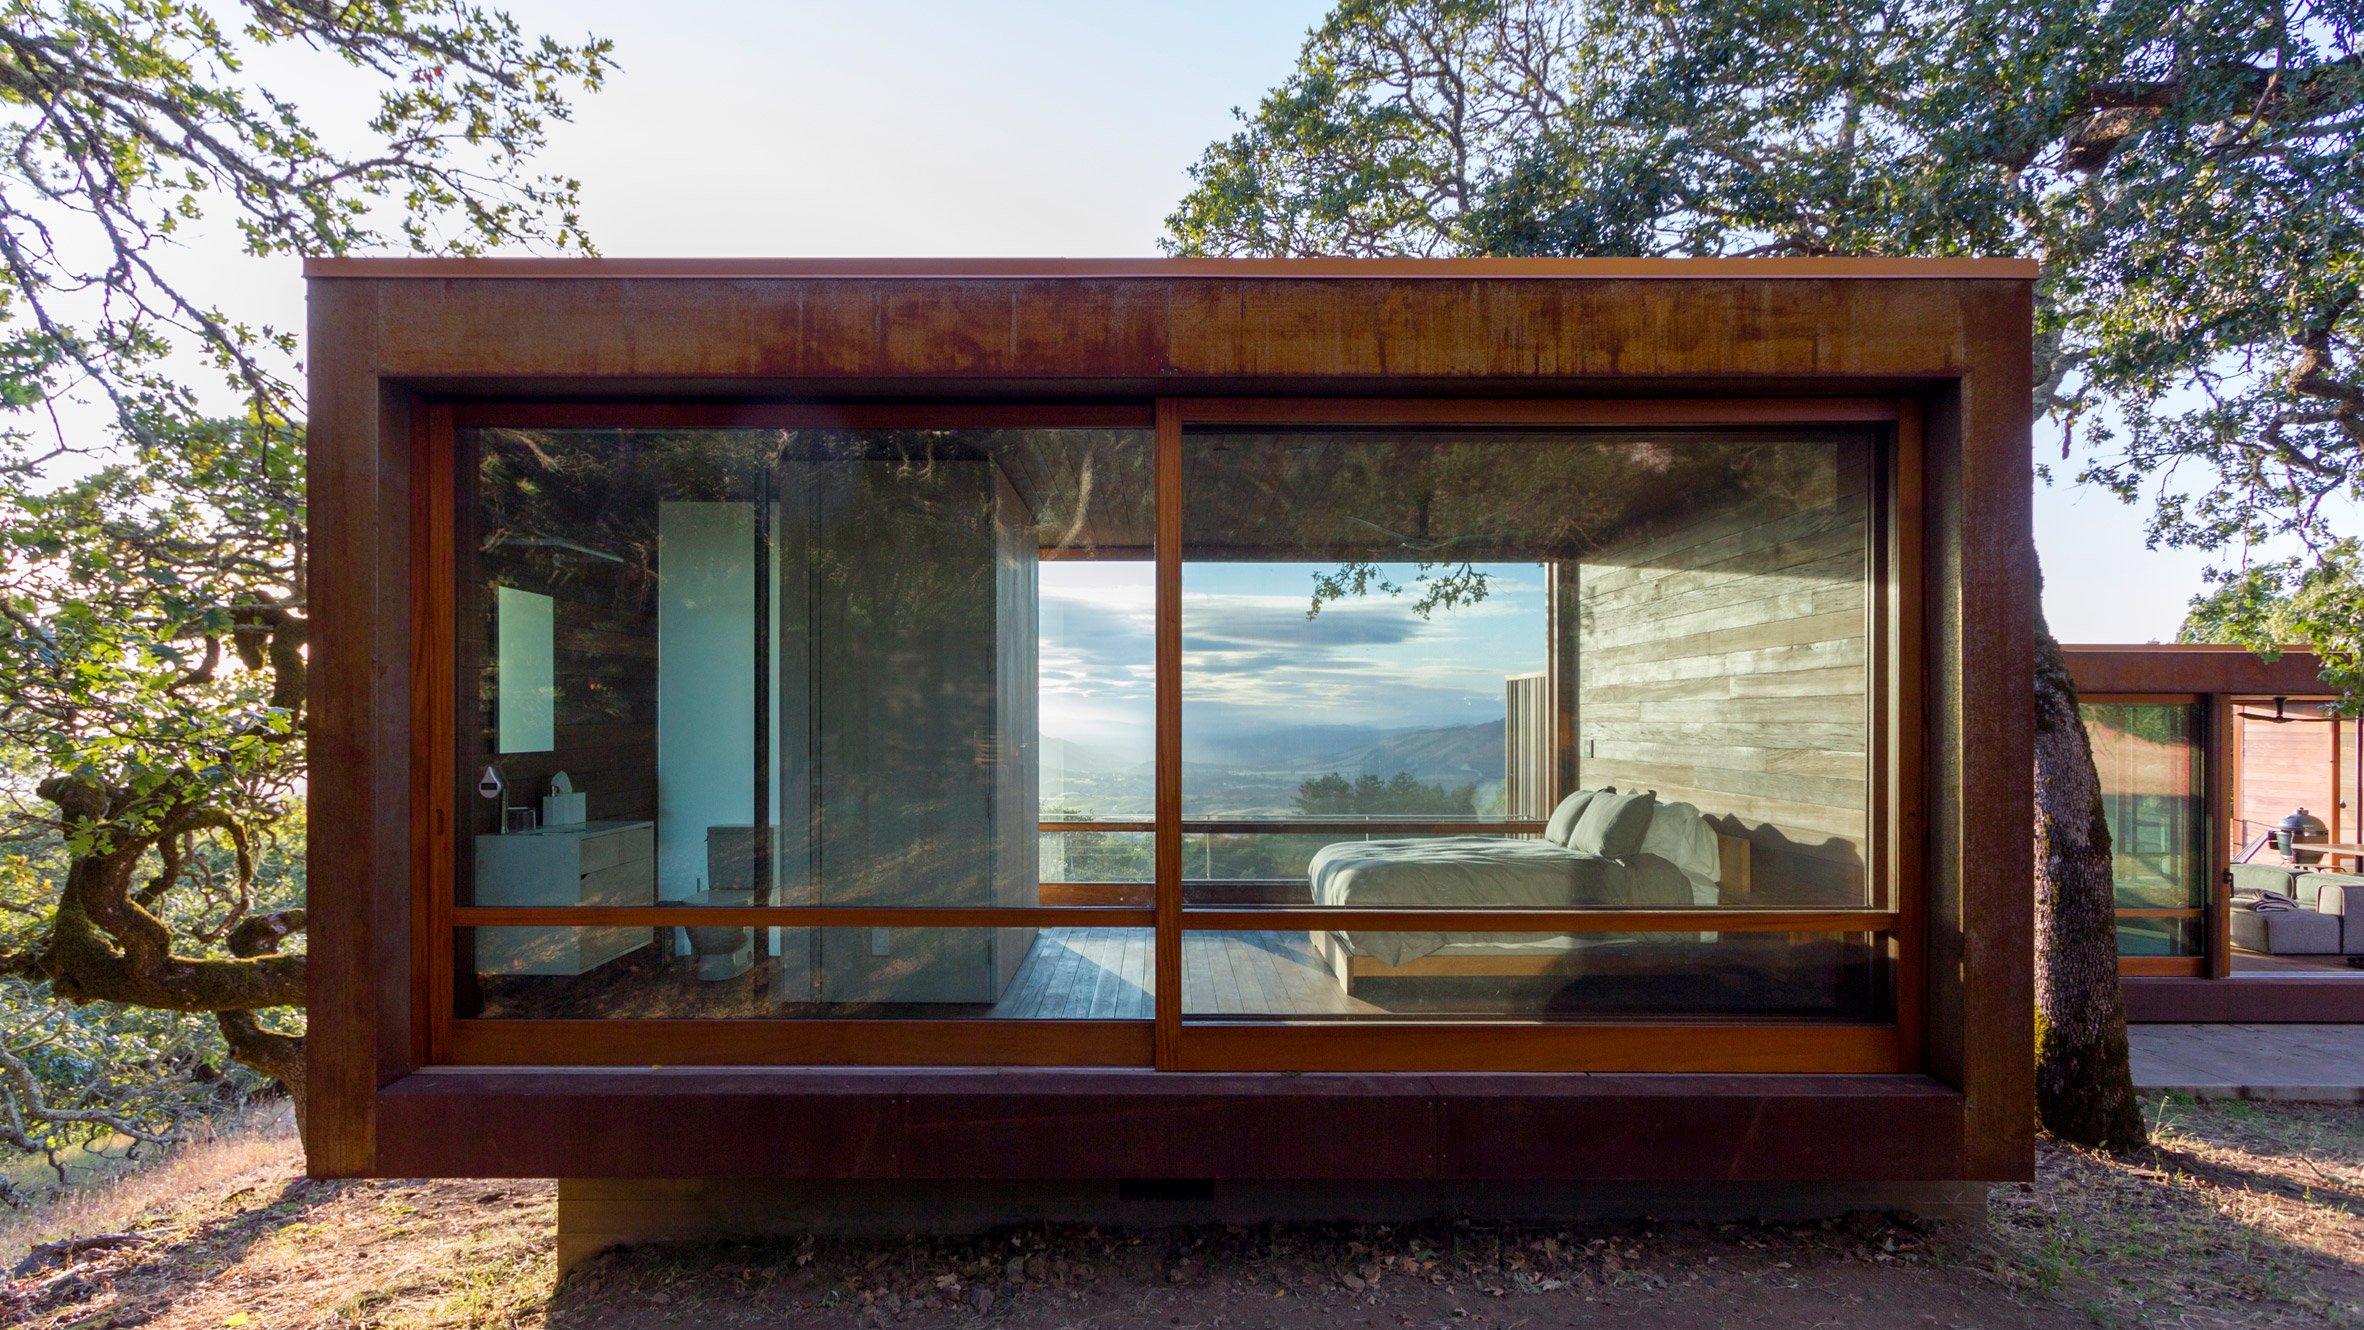 3-casa-na-california-e-feita-de-modulos-de-aco-pre-fabricados